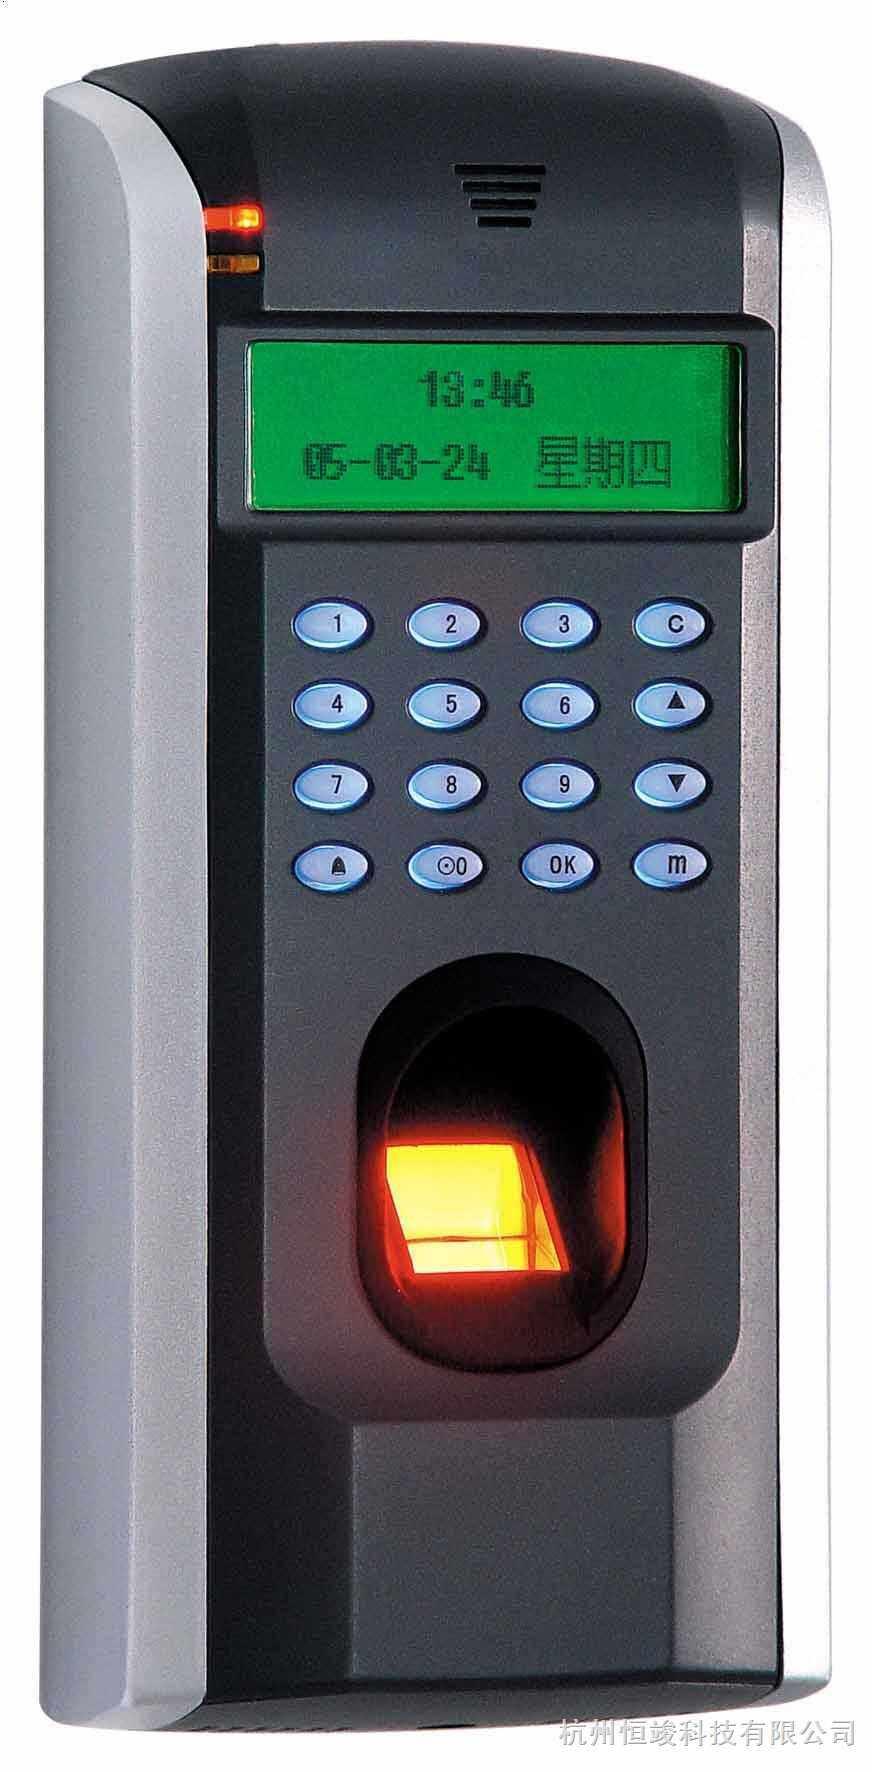 推出针对办公环境的普及指纹门禁,采用大量可靠稳定的进口元器件,设计上严格 遵循国家安全防范产品标准,出厂经过严格的老化测试。适合用在办公门禁安装或者在企业内 部的一些非重要出入口安装使用。显著特点是:安装简单,性能稳定,价格甚至低于IC/ID 卡门禁系统整体成本,并且大幅度提升公司形象。 标准版支持TCP/IP或RS485/RS232通讯,支持单机或联网工作,单机工作可存储达3万条记录。 支持门禁功能(不同时间段开门,多人开门,拆机报警,门未关好报警,门被非法打开报警,开 门按钮输入,有线门铃接口,一路警